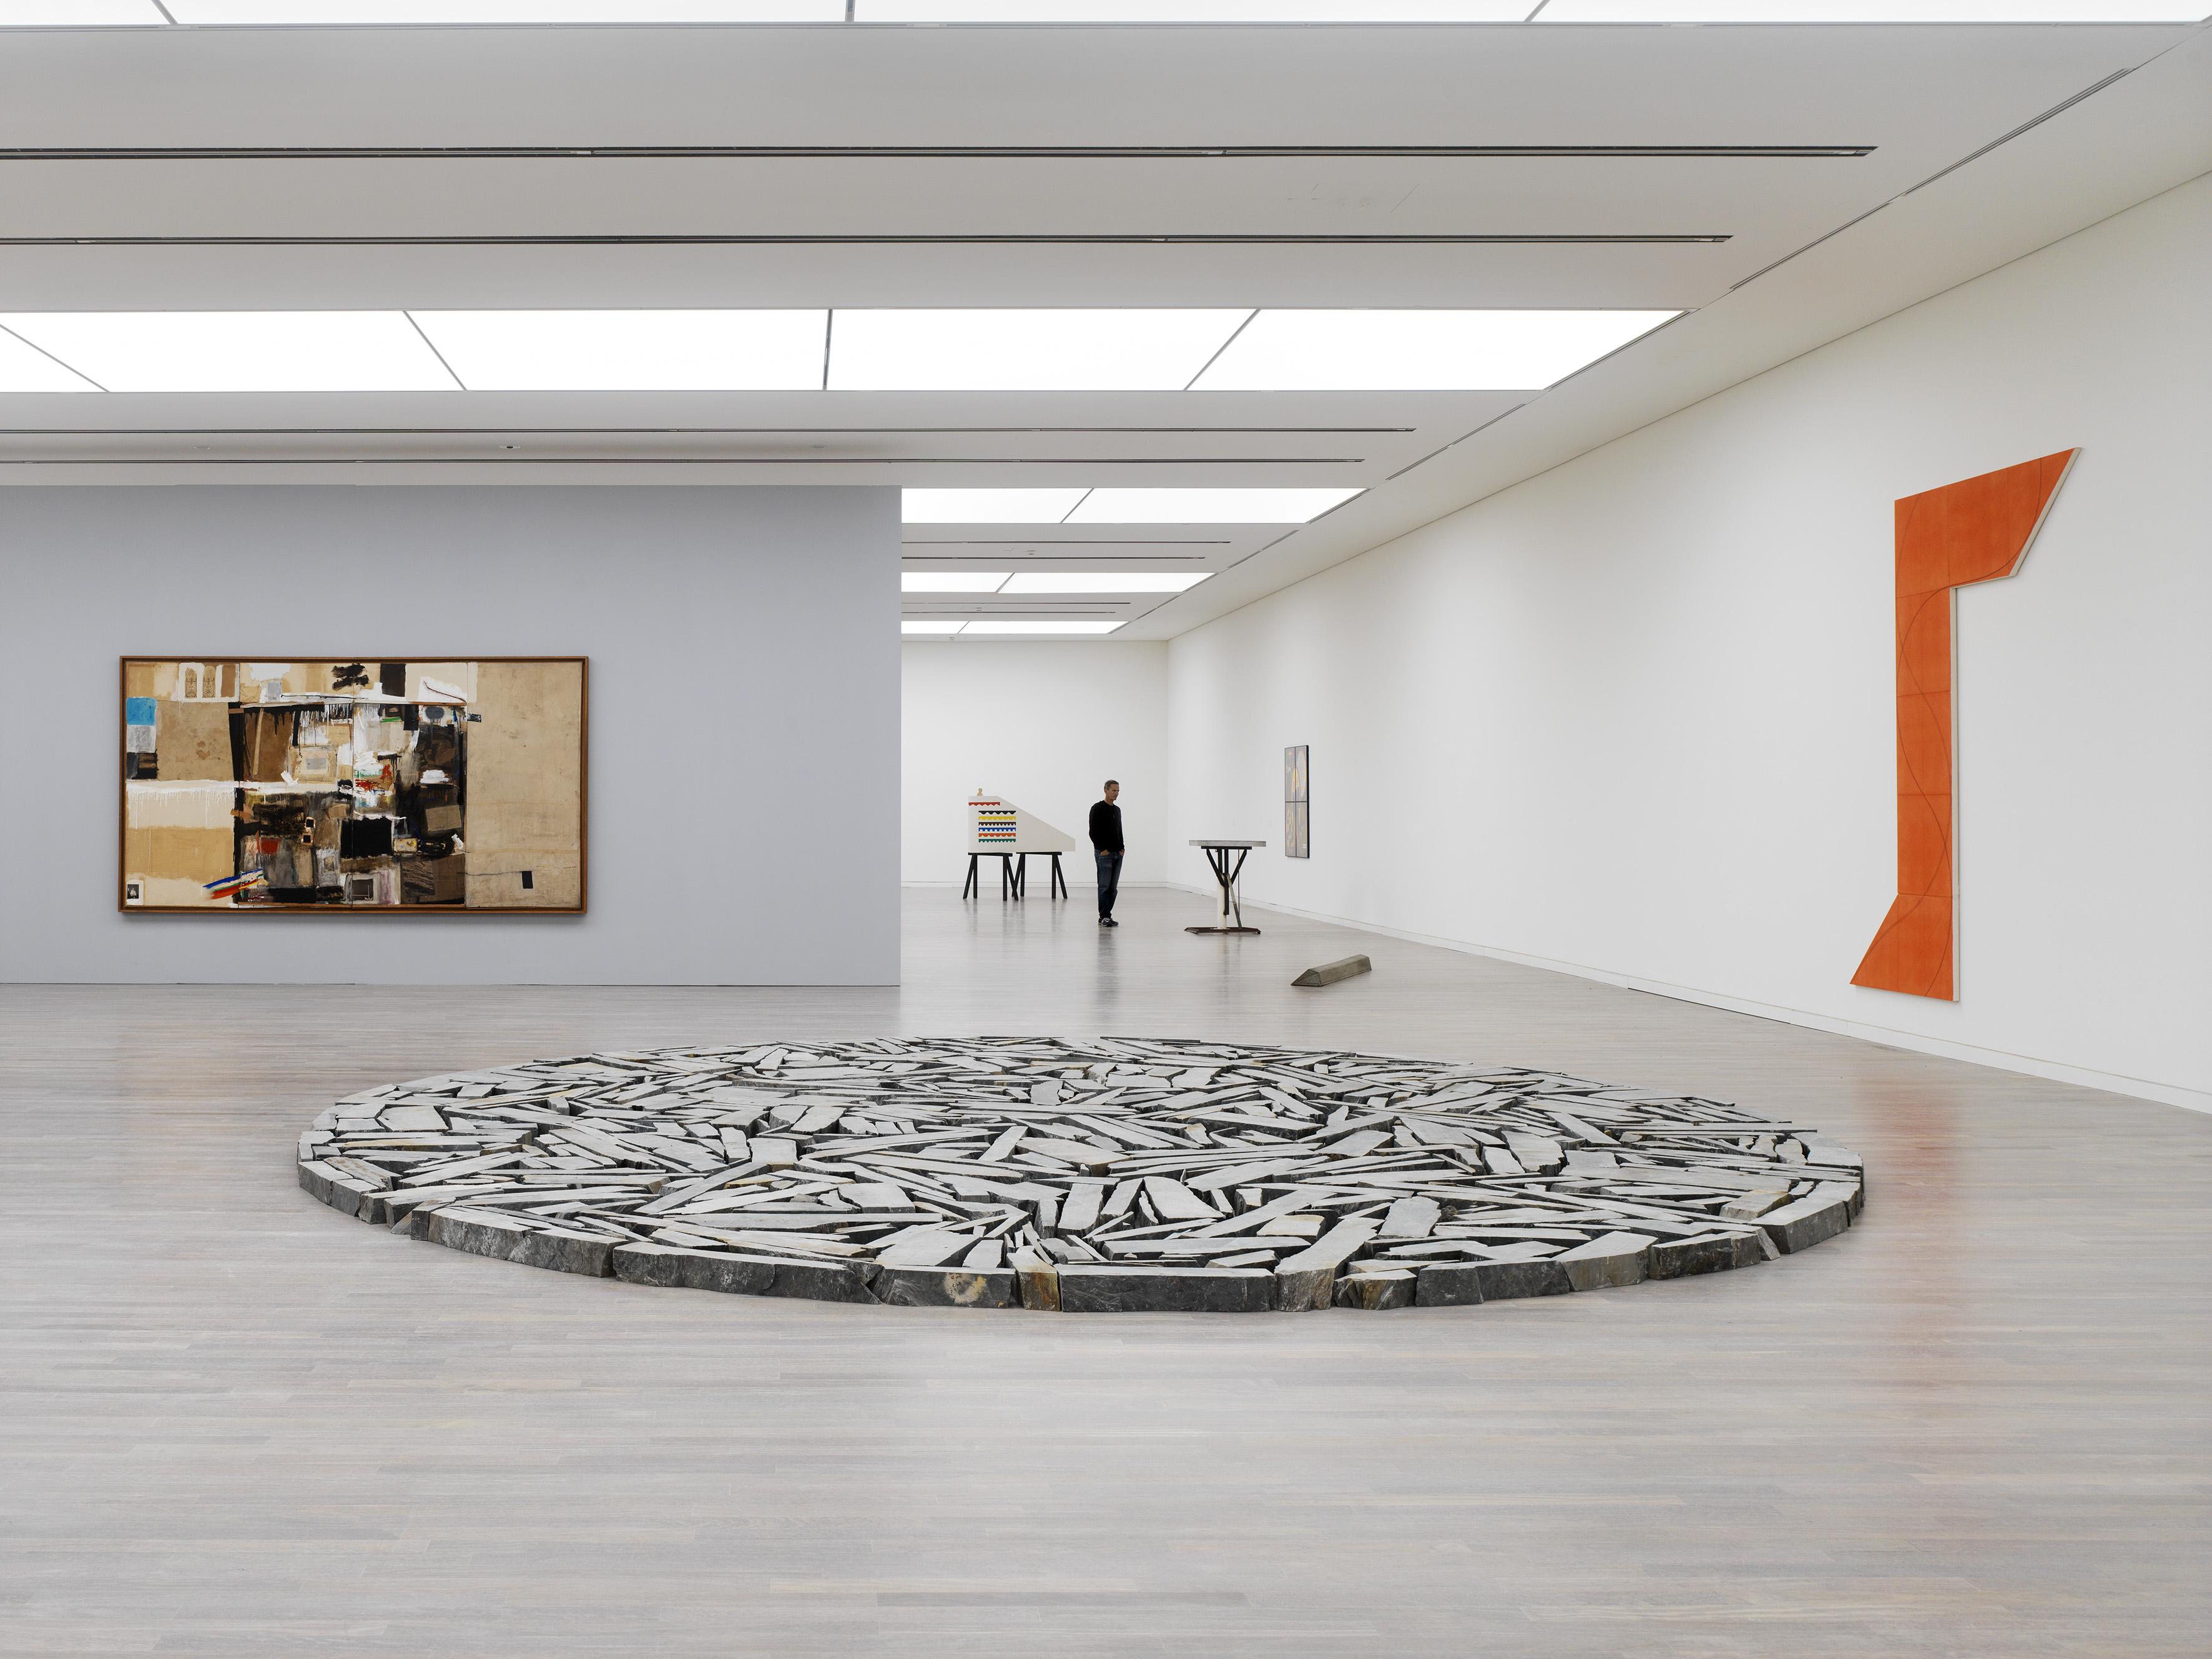 Installationsansicht der Ausstellung im K20. Foto: © Achim Kukulies. © Kunstsammlung NRW